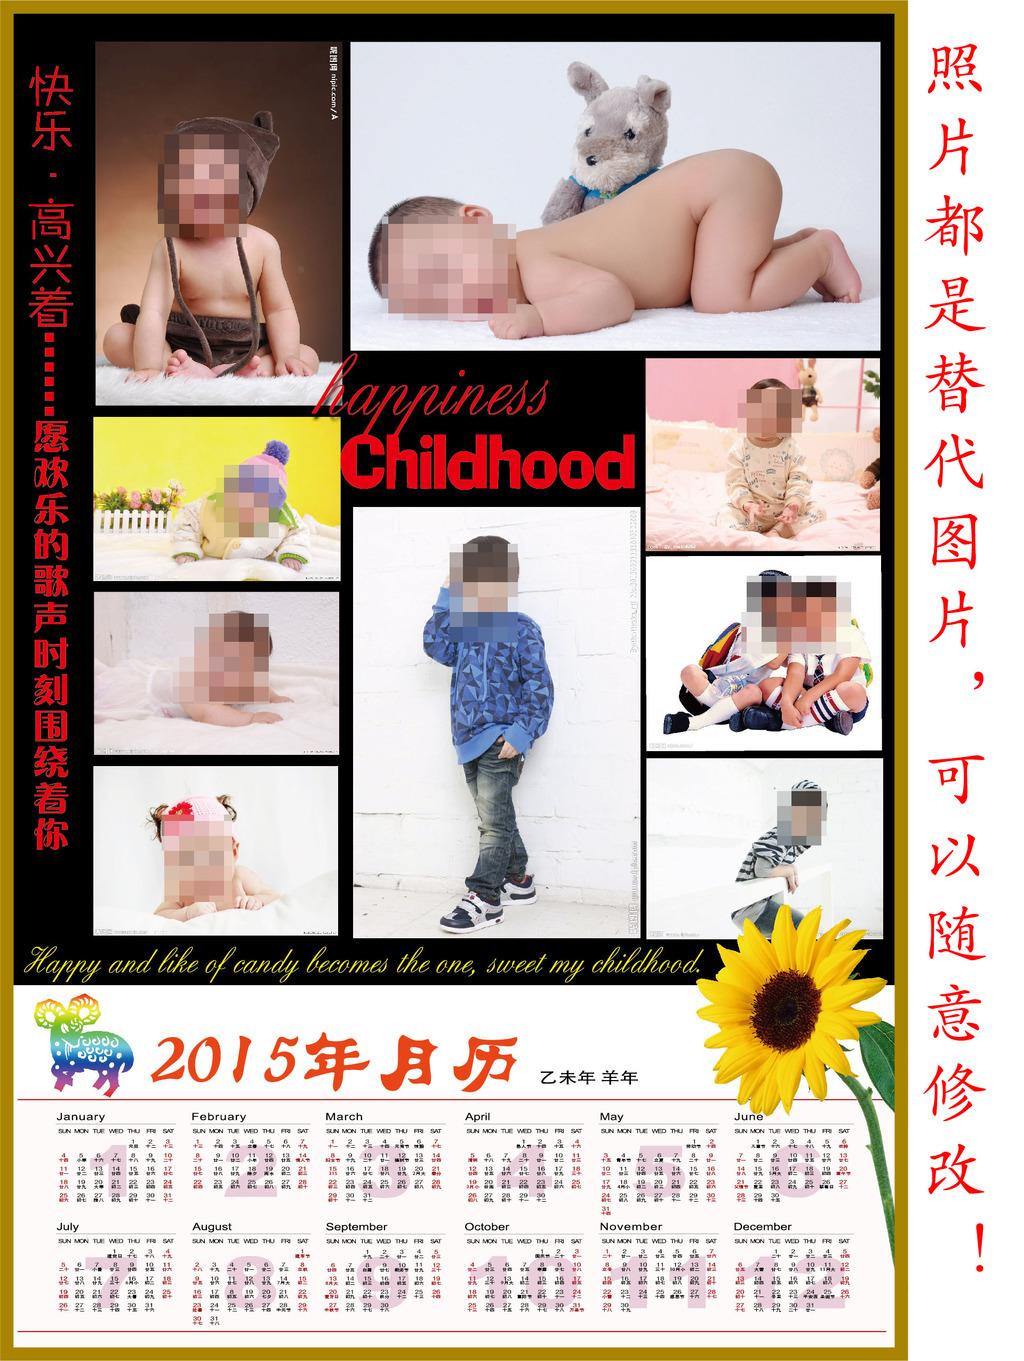 2015年儿童月历模板图片